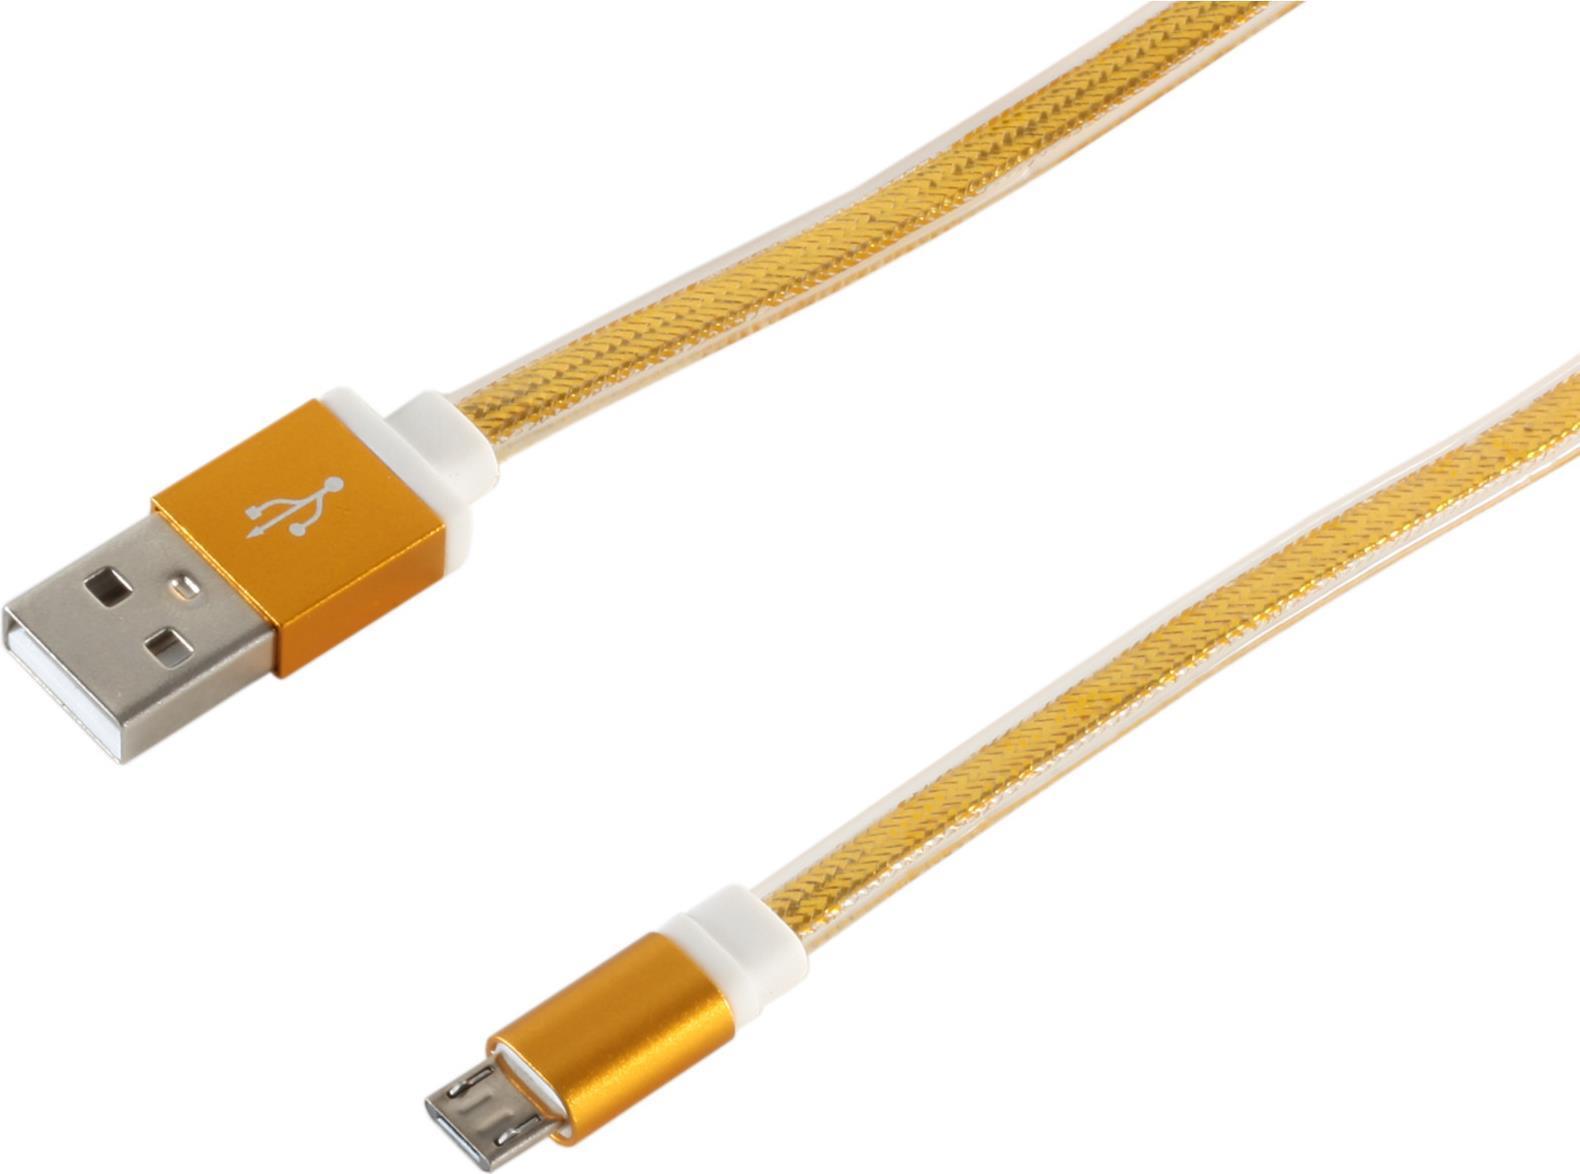 S-Conn 14-50046 0.9m USB A Lightning Gold Handy...